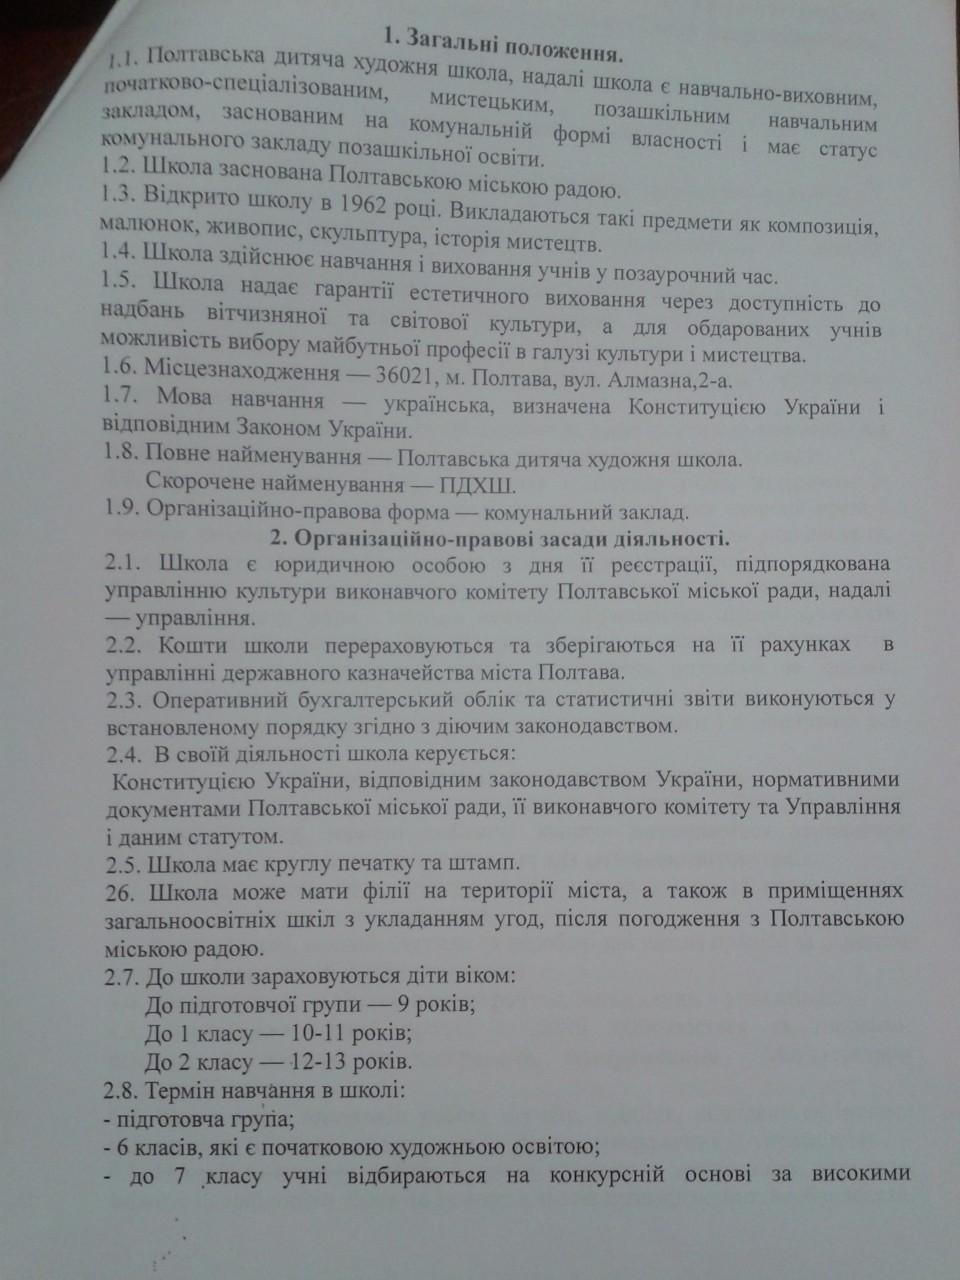 На фото: так виглядала сторінка проекту статуту Полтавської дитячої художньої школи на офіційному сайті Полтавської міської ради напередодні засідання бюджетної комісії.